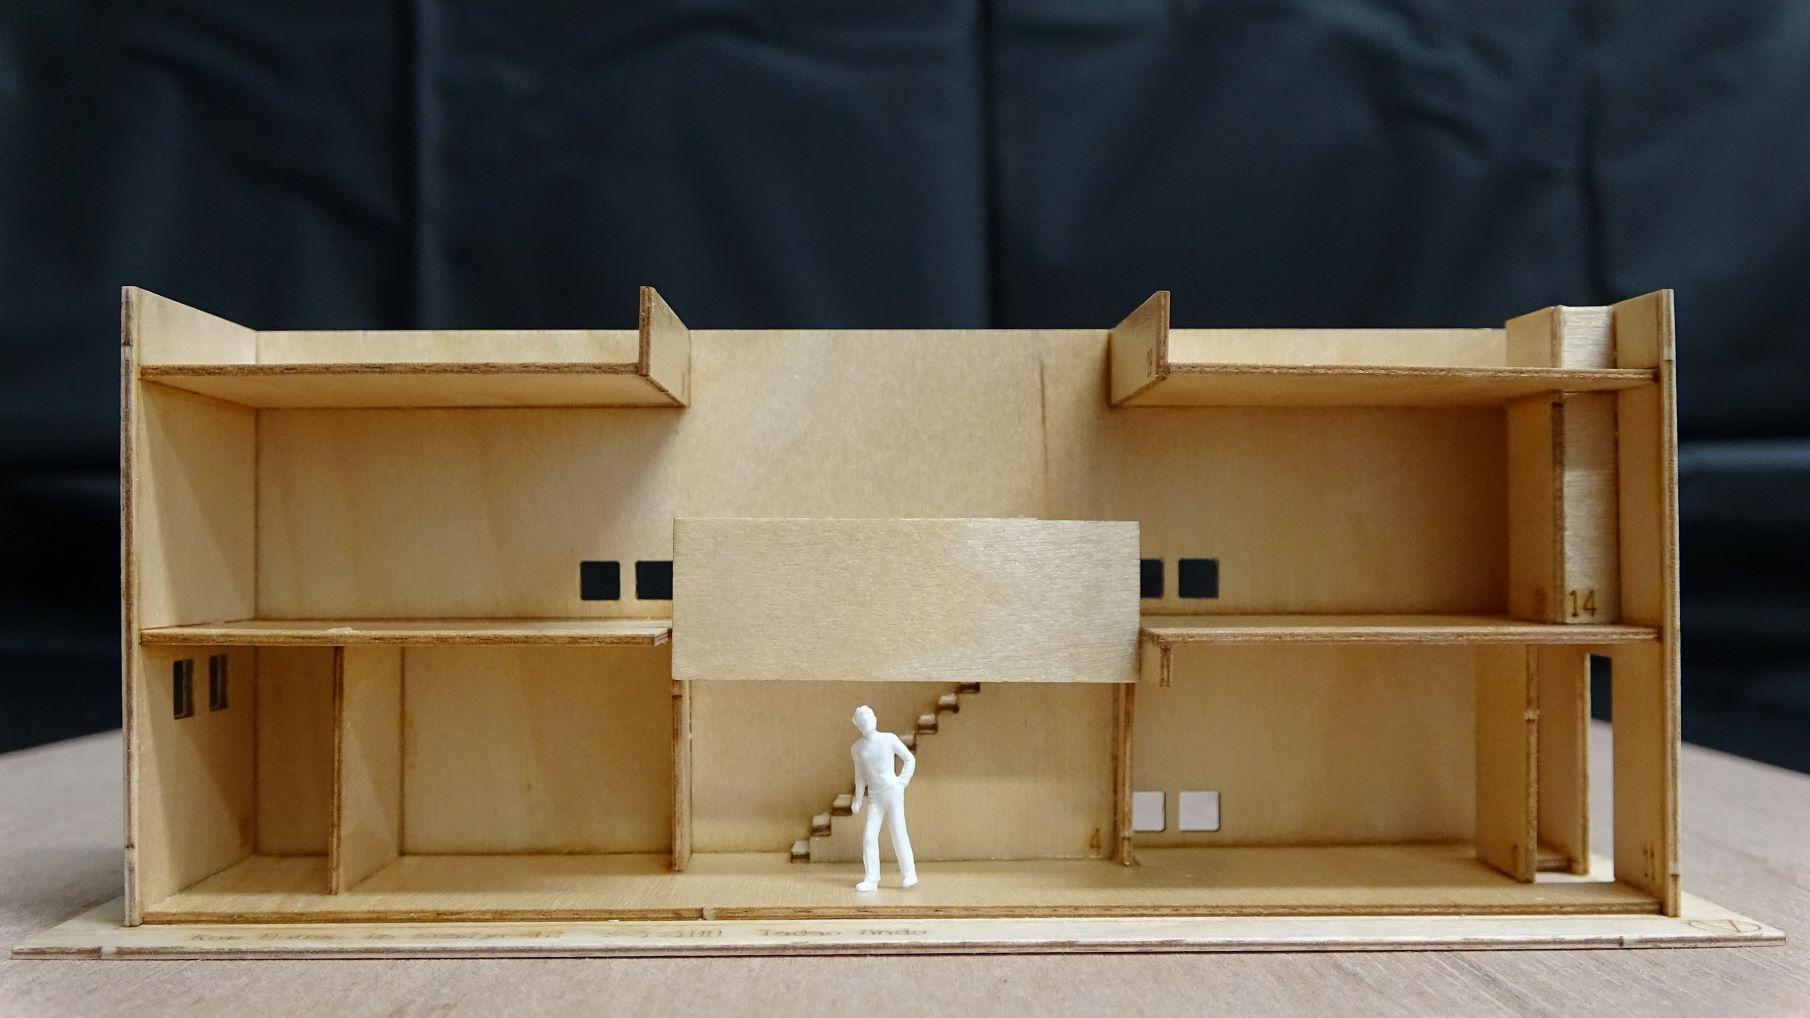 住宅建築模型制作 安藤忠雄 住吉の長屋(追加開催)